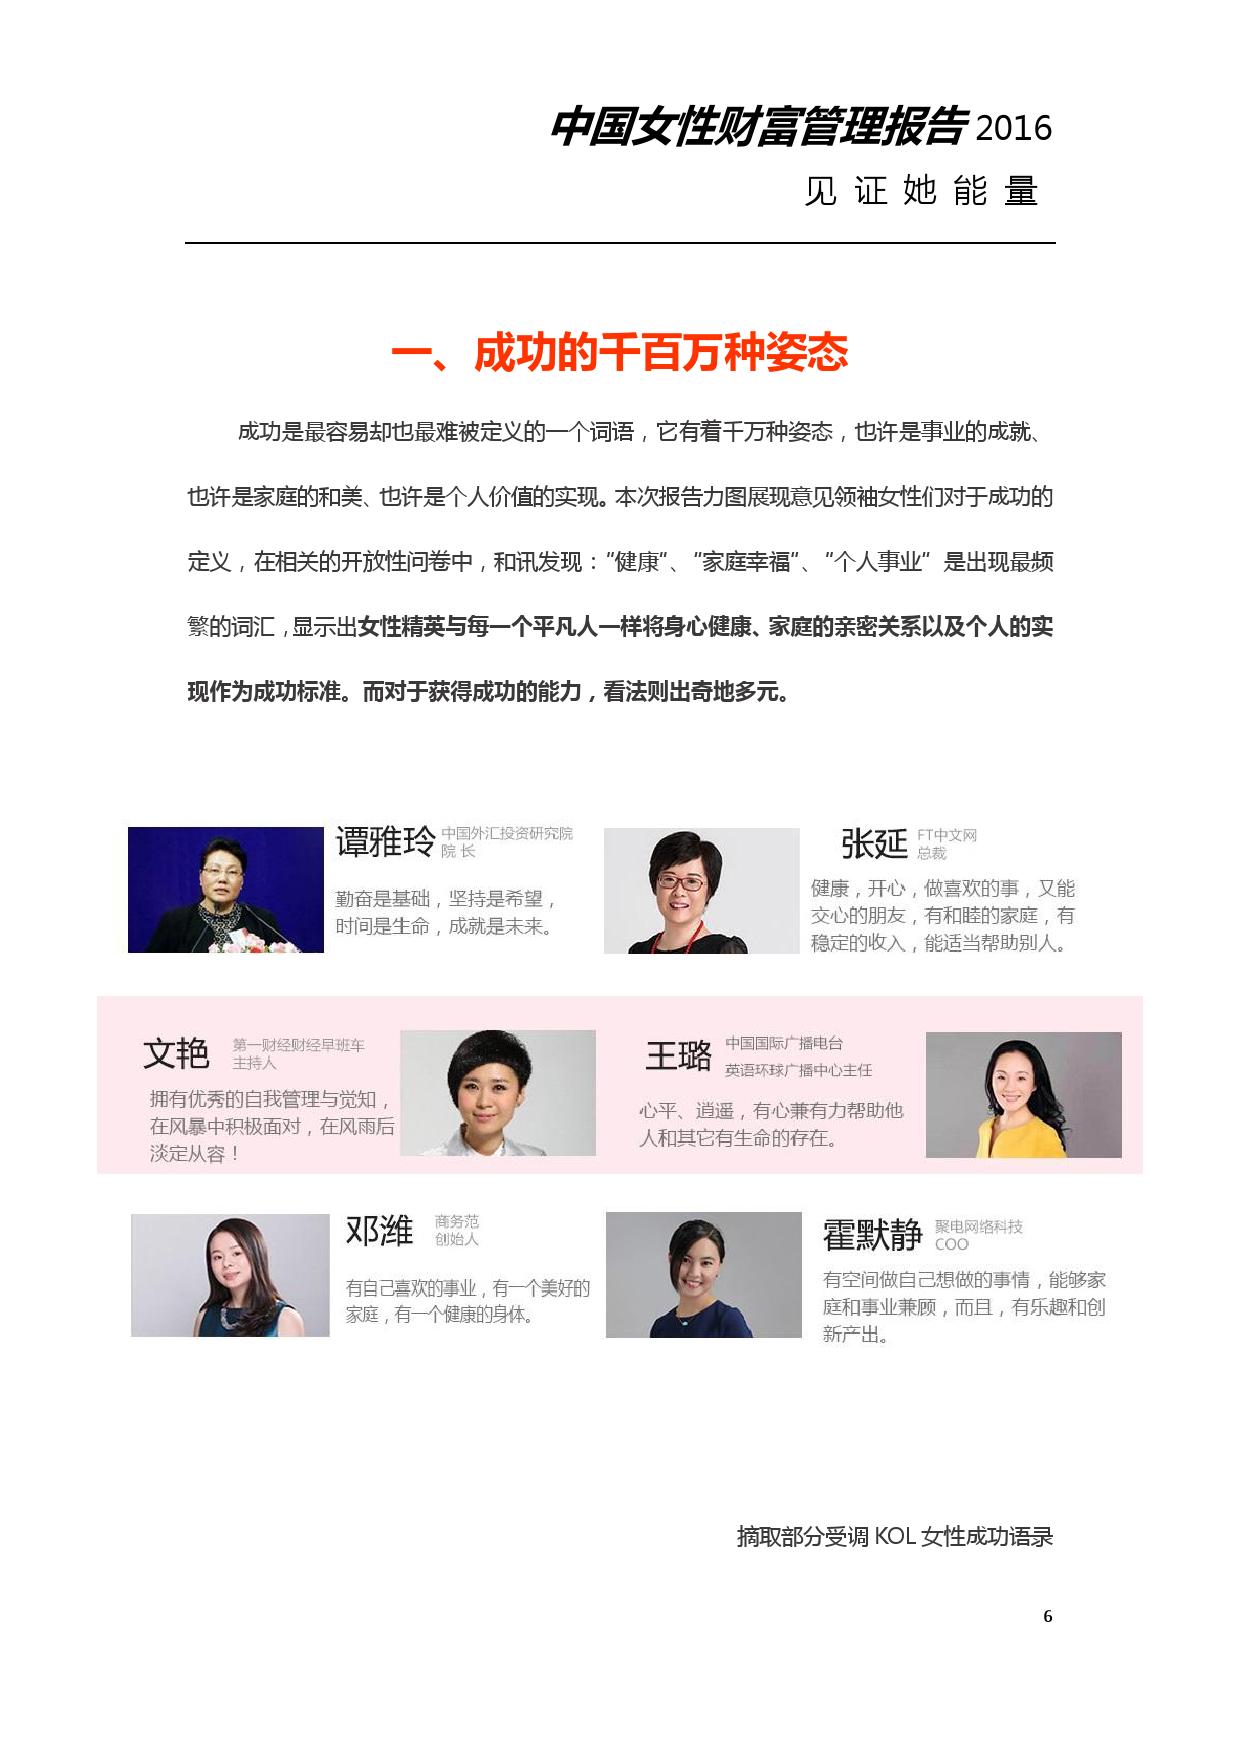 2016年中国女性财富管理报告_000006